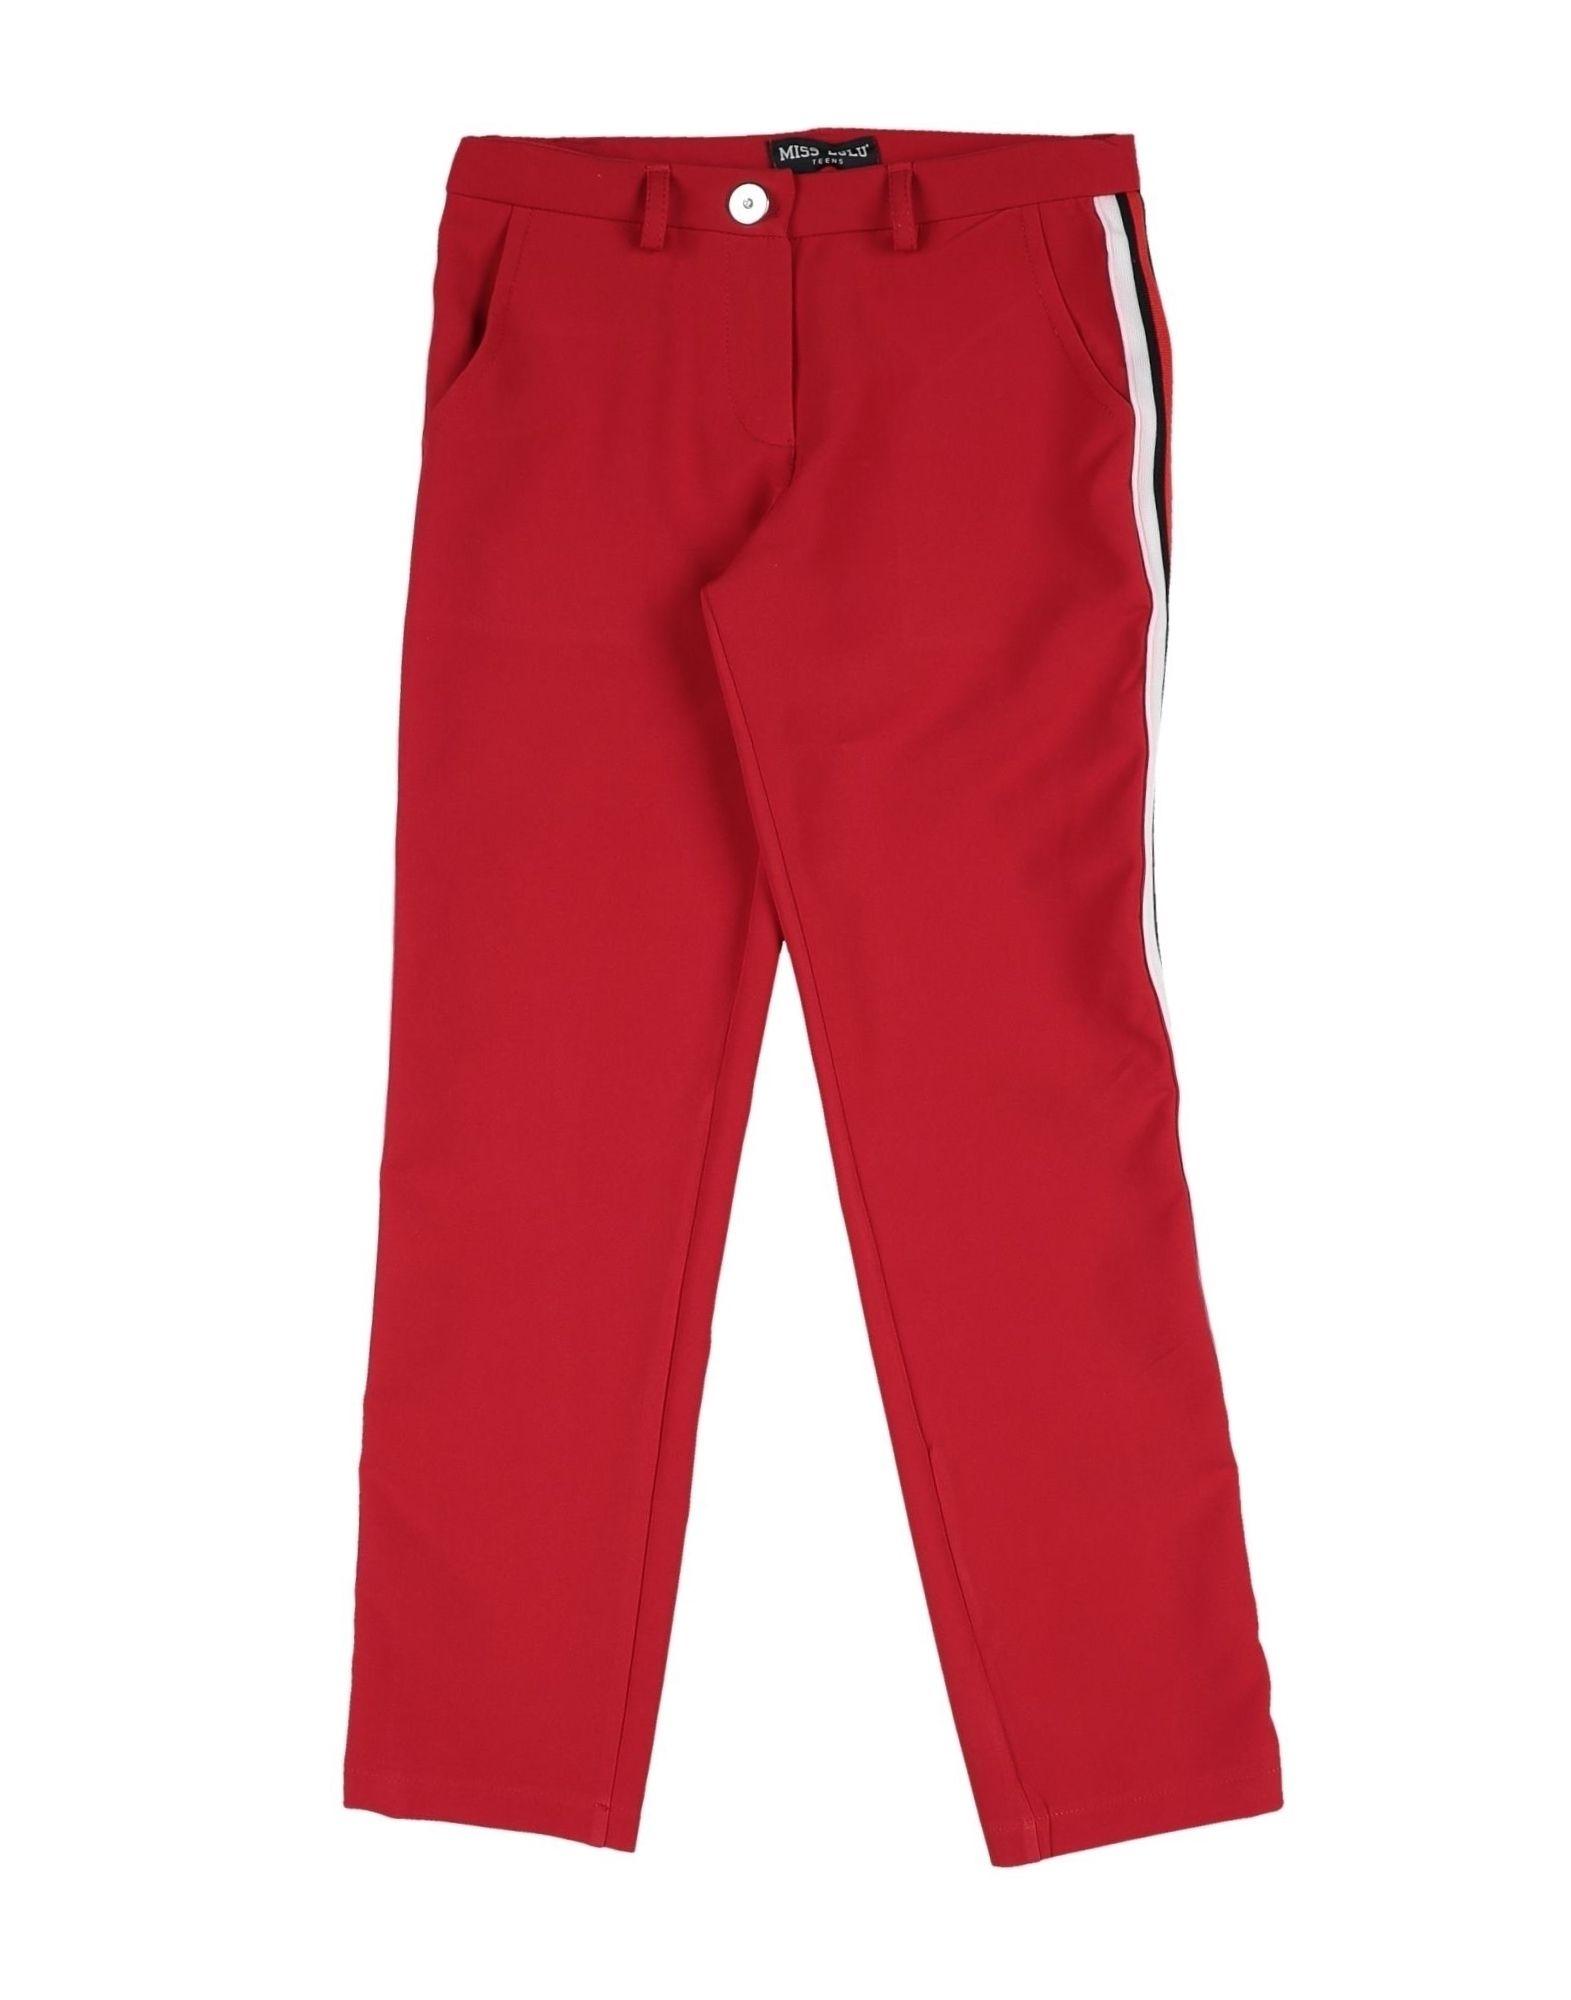 Miss Lulù Kids' Casual Pants In Red